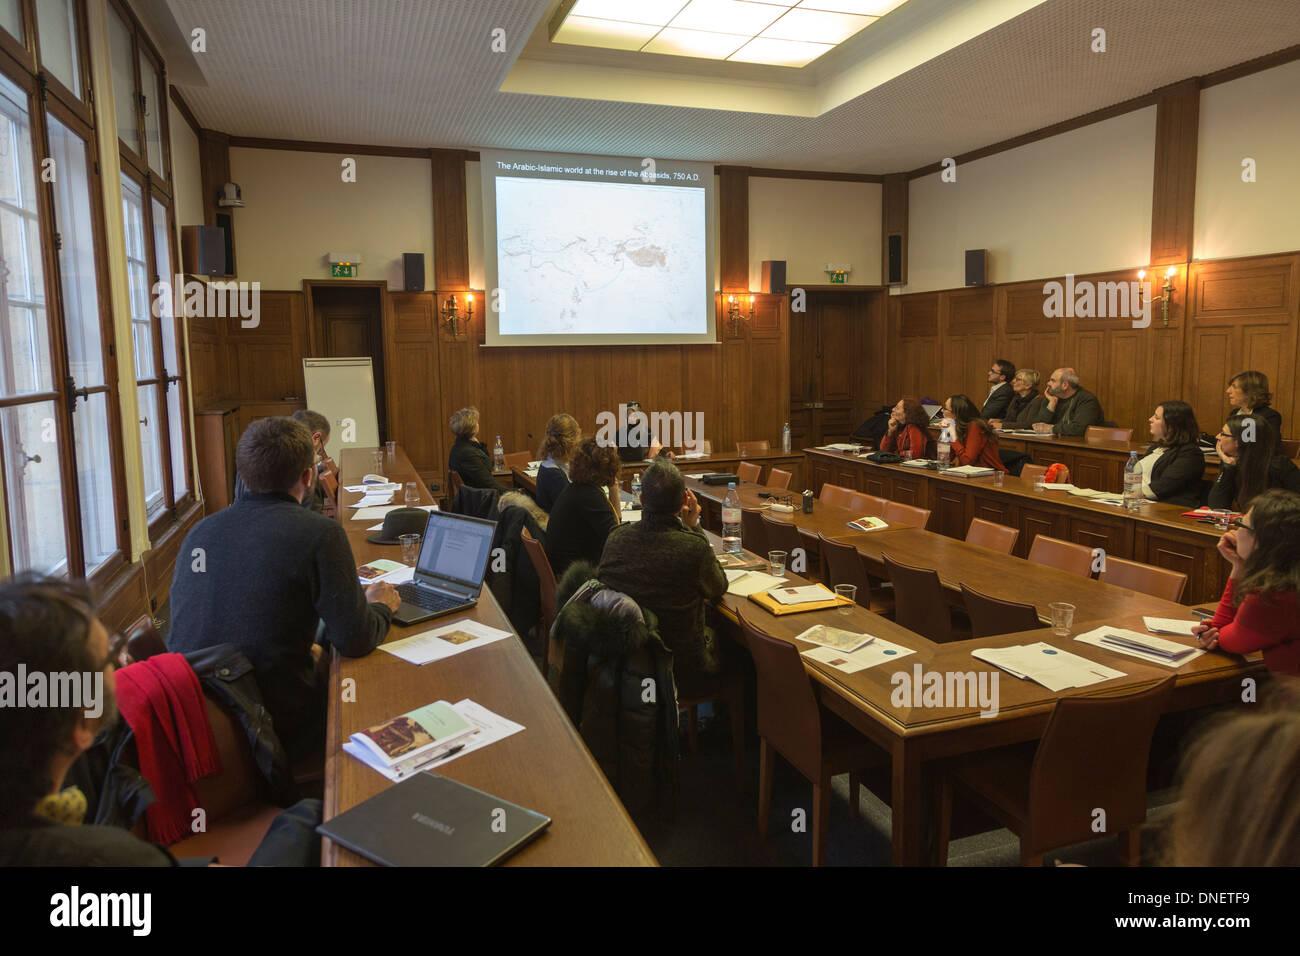 lecturer at symposium, University of Paris, Sorbonne, Paris, France - Stock Image